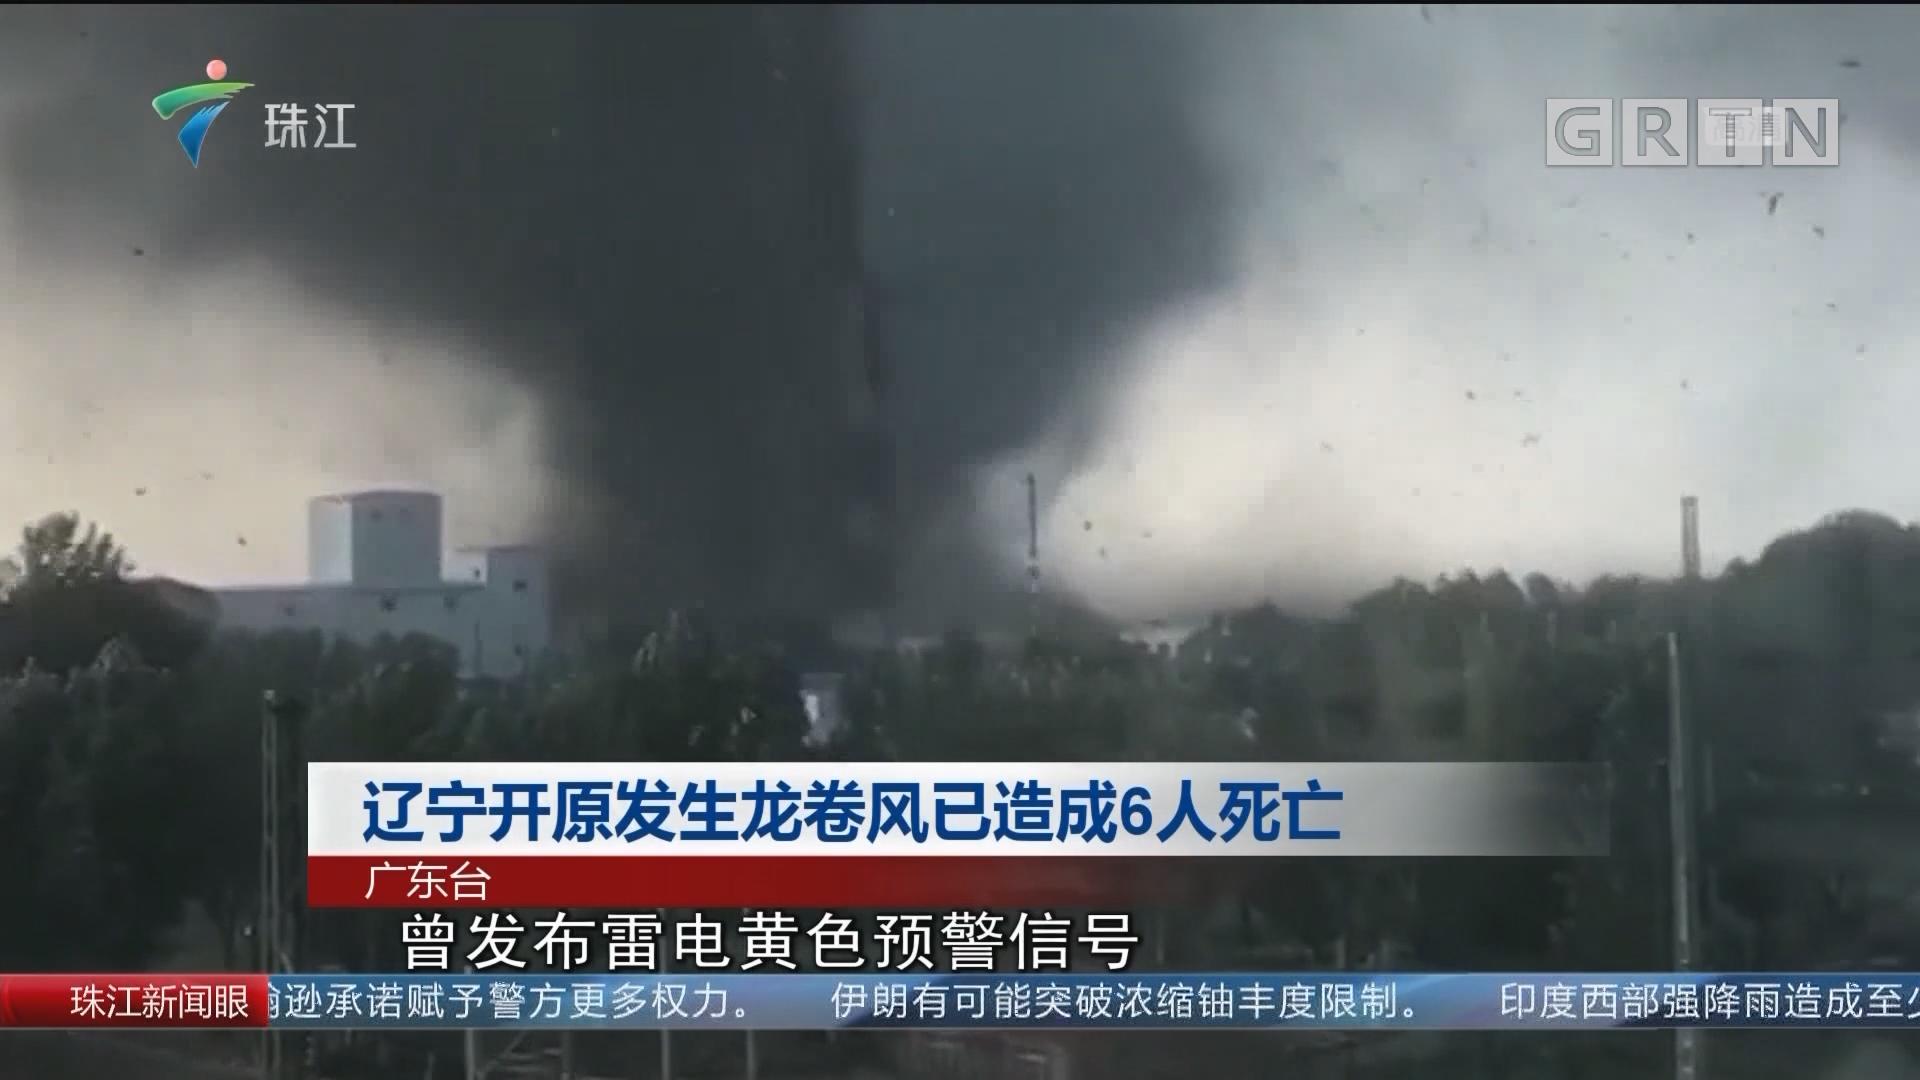 遼寧開原發生龍卷風已造成6人死亡